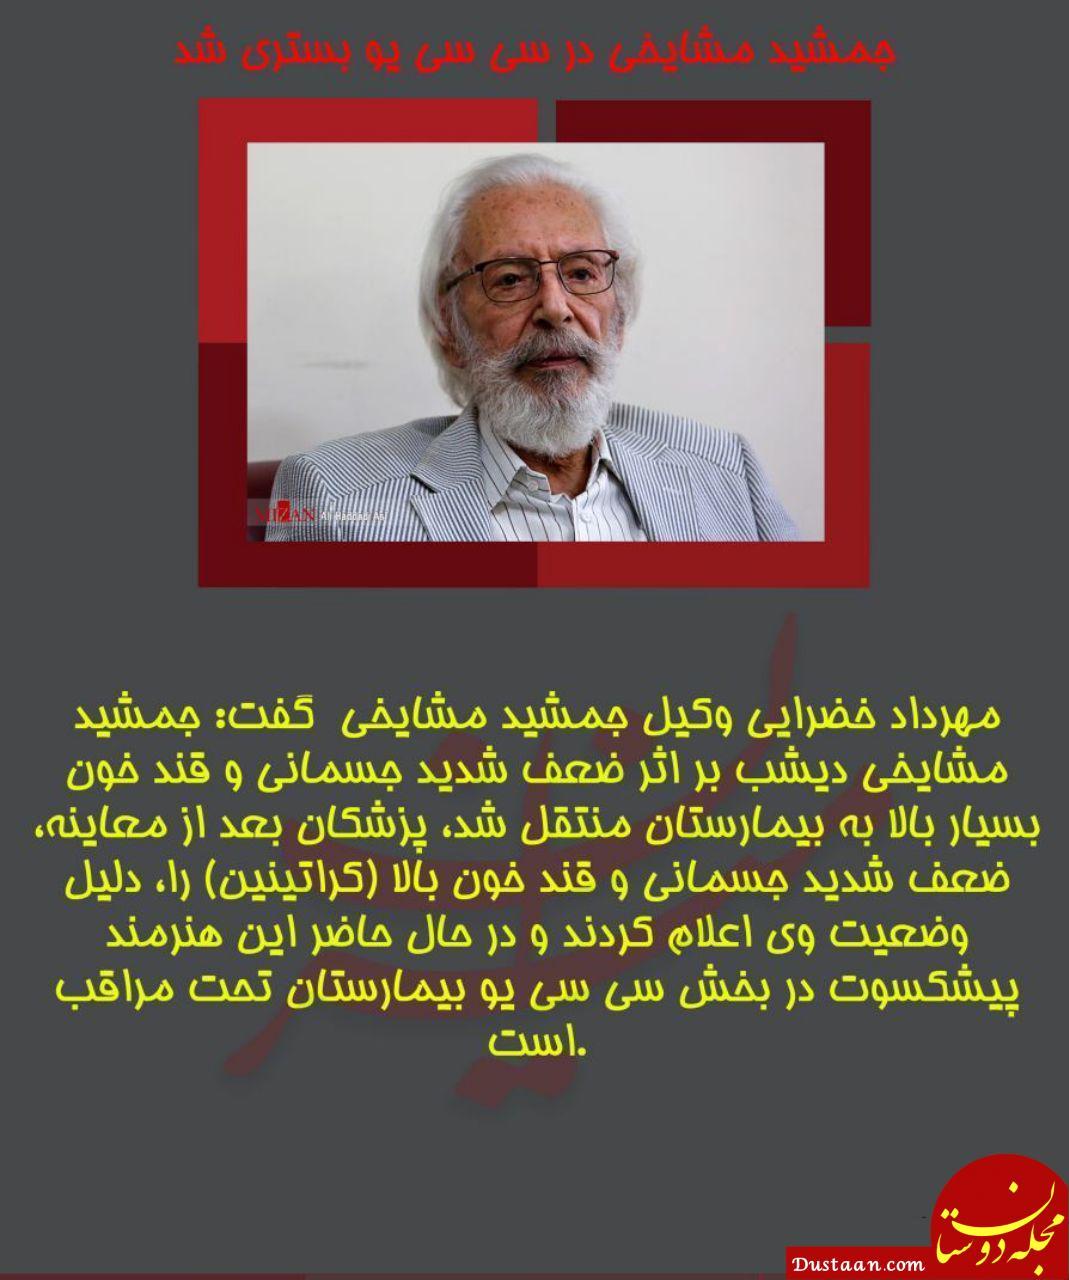 www.dustaan.com جمشید مشایخی در سی سی یو بستری شد